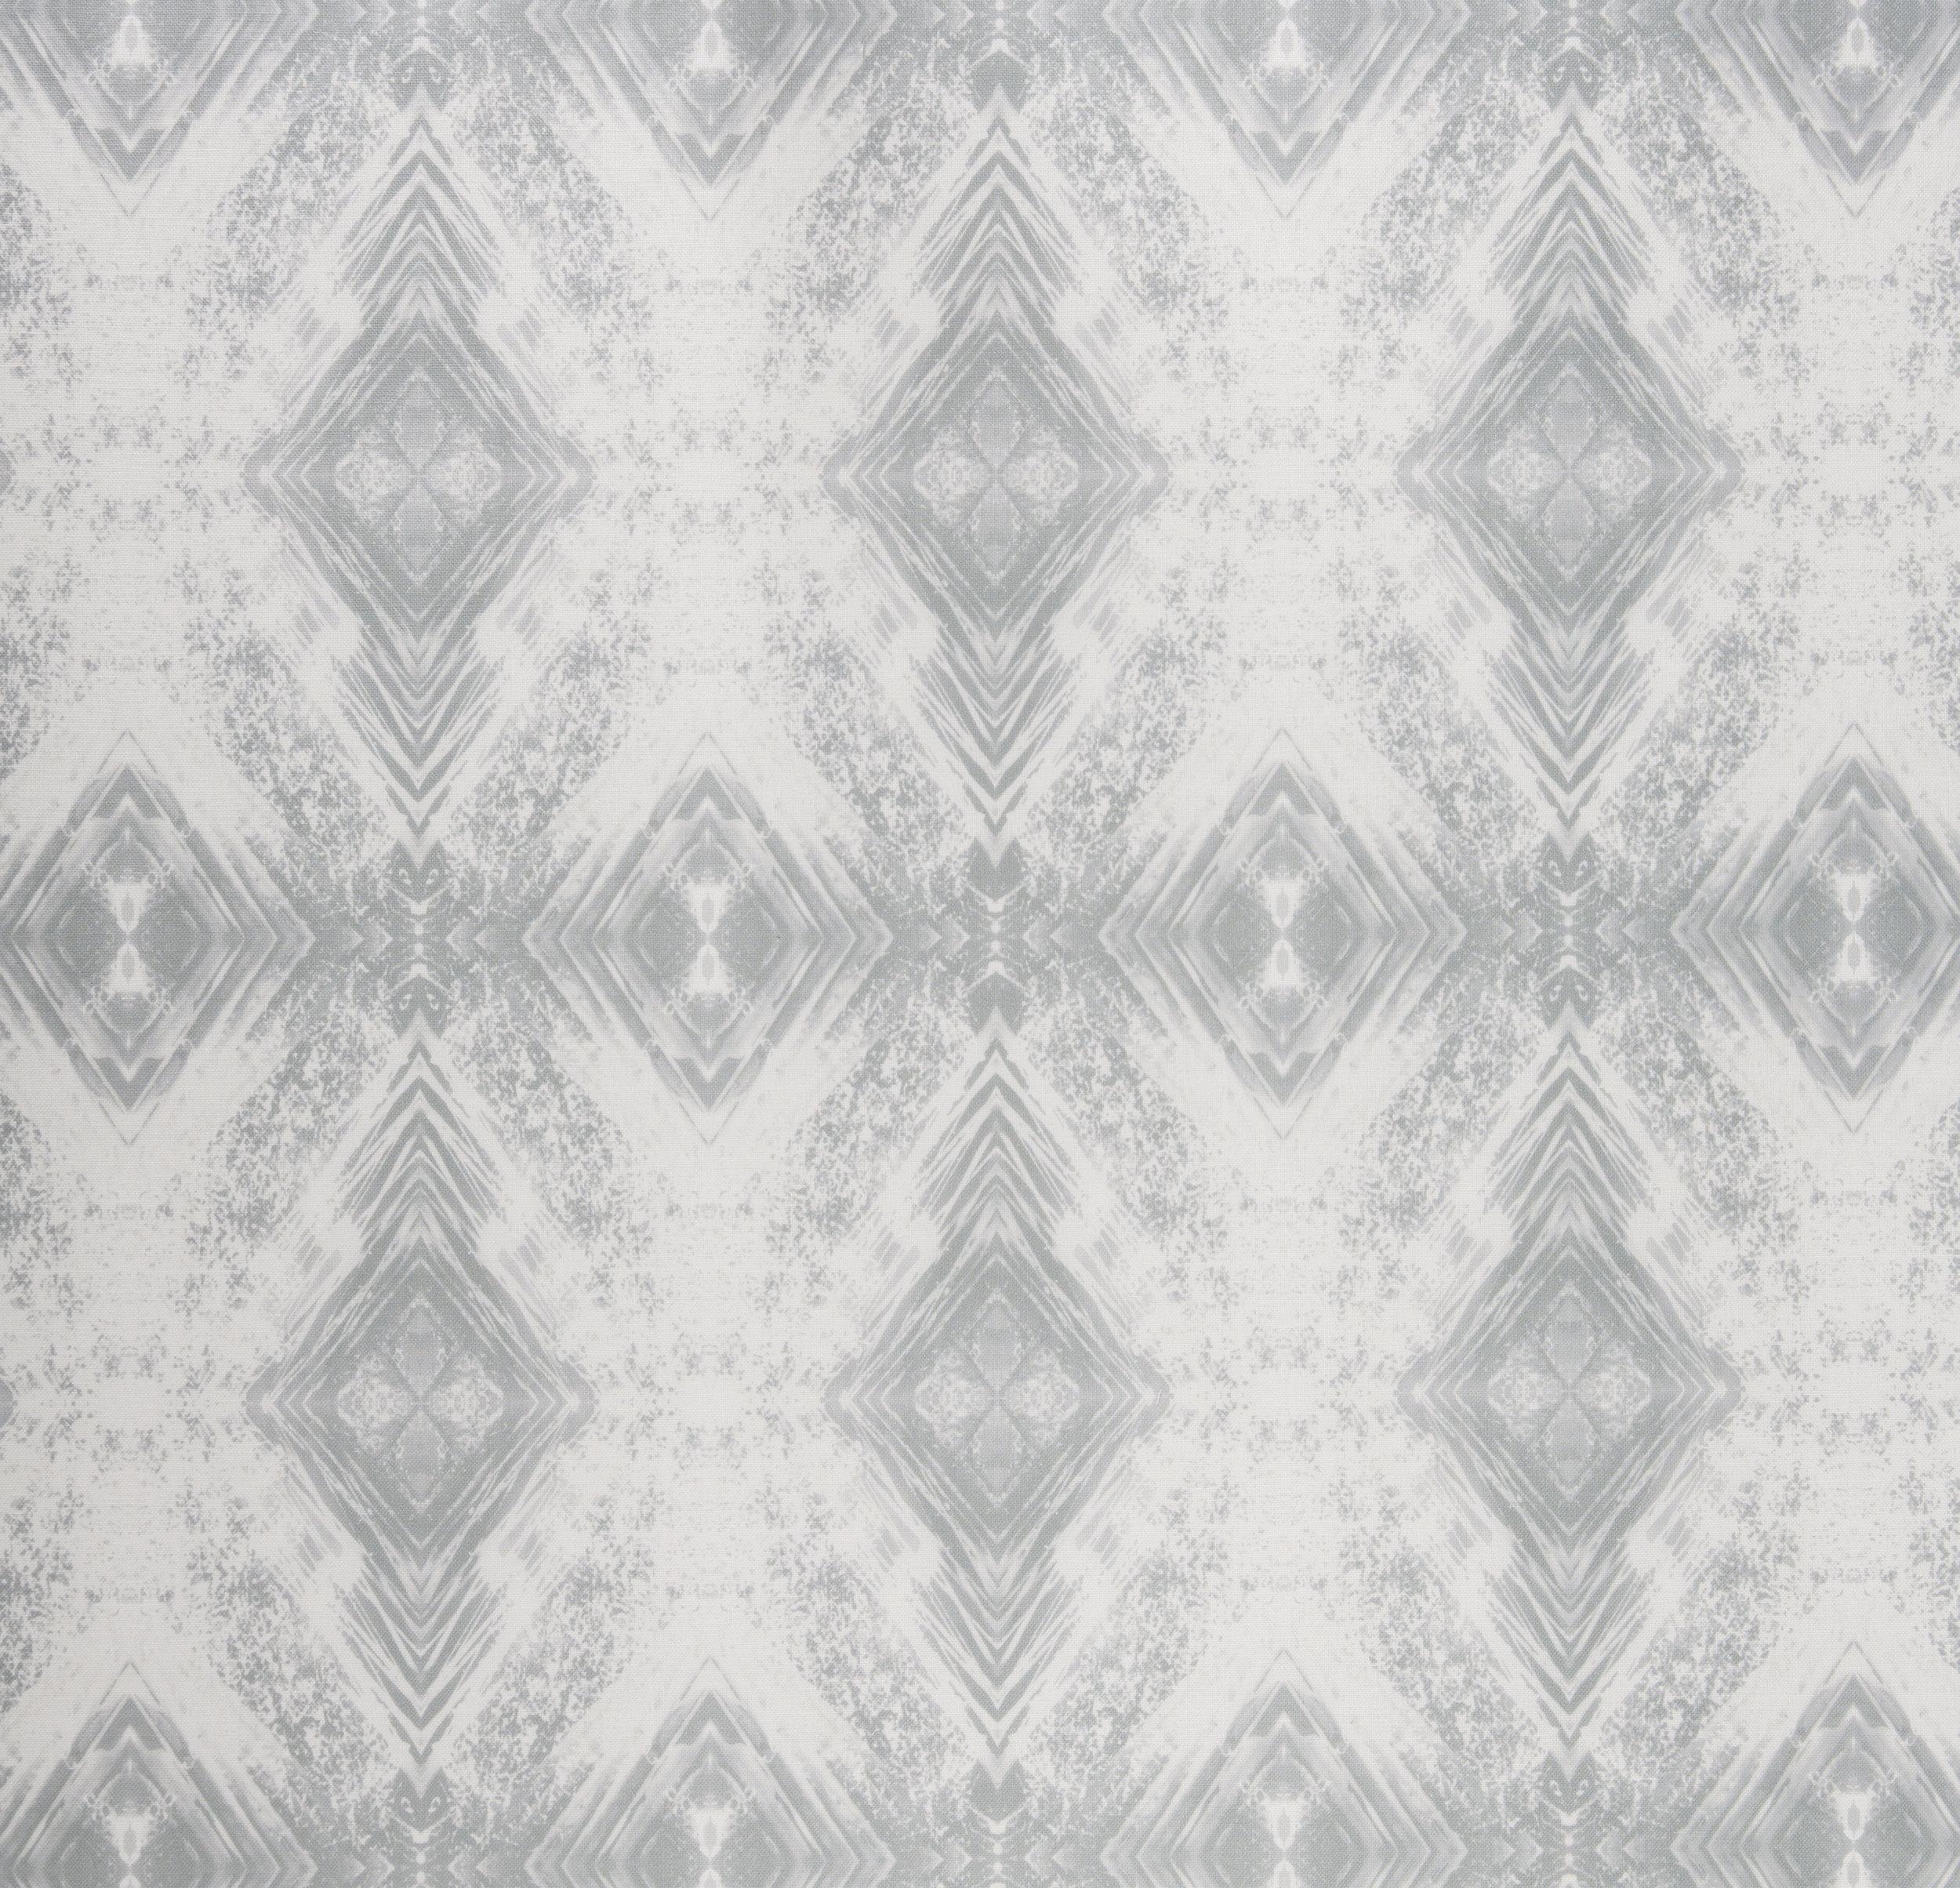 Aurora Silver Fabric Repeat